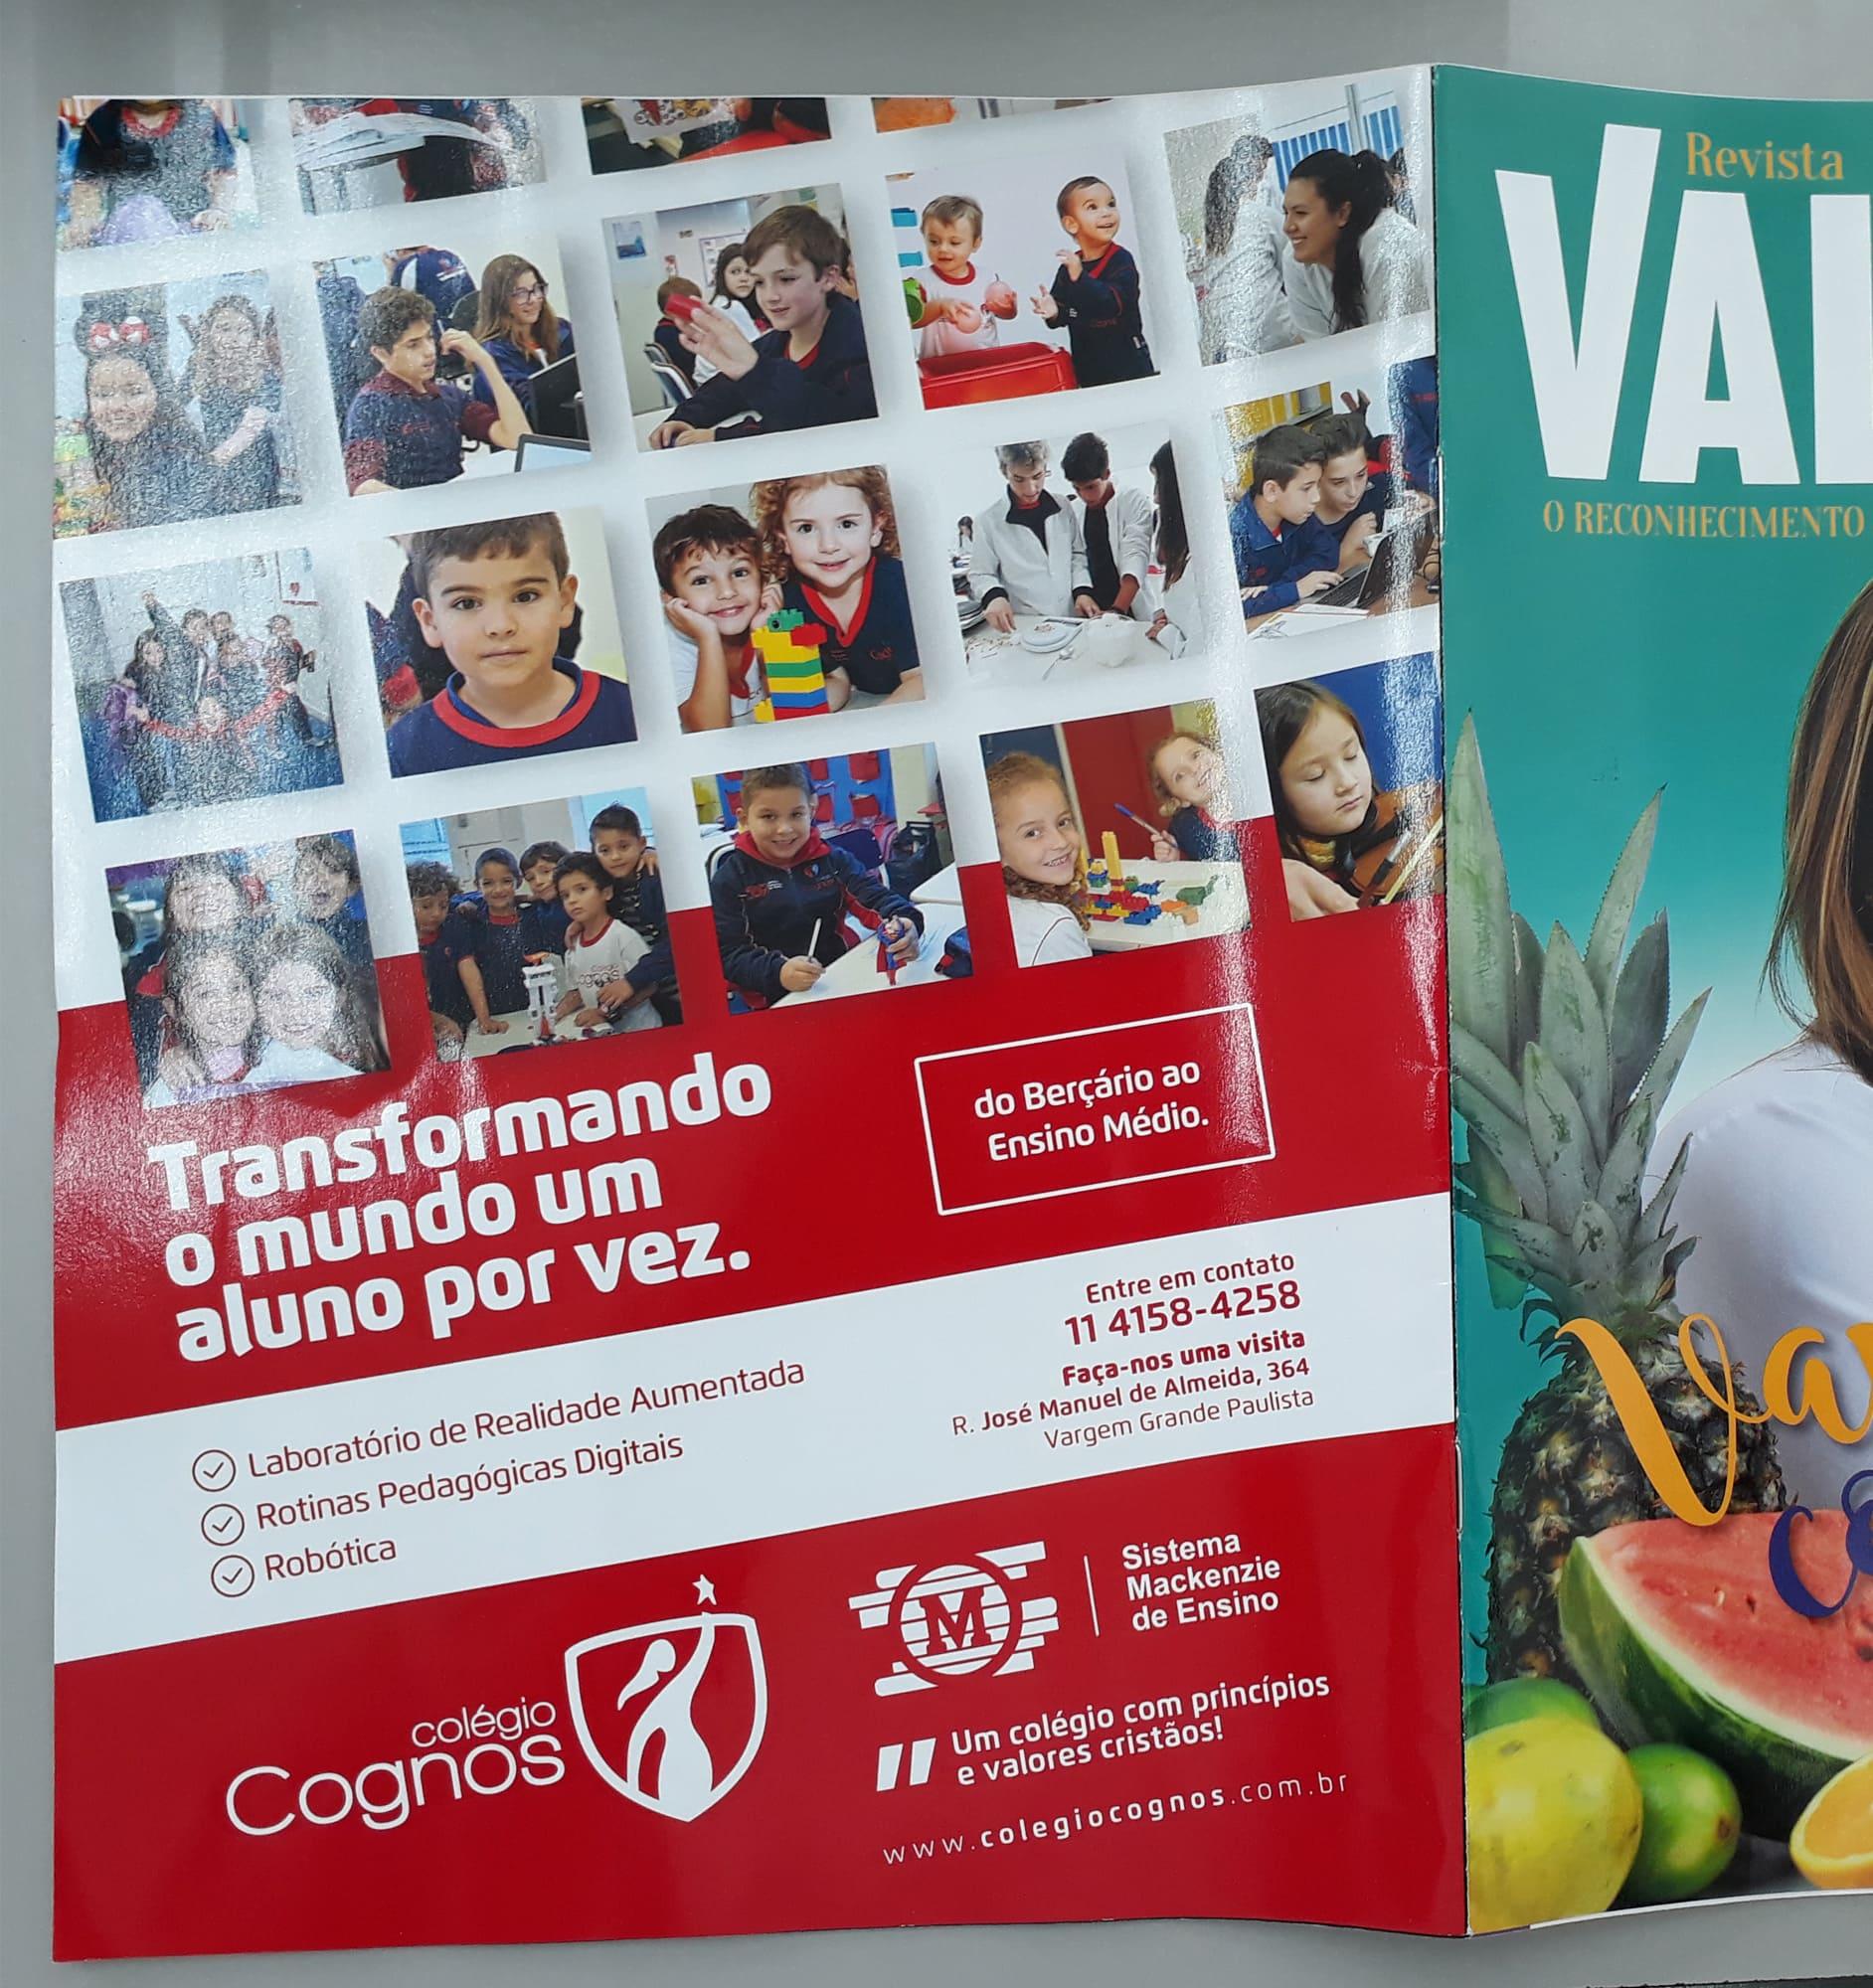 Case VENONE - Colégio Cognos